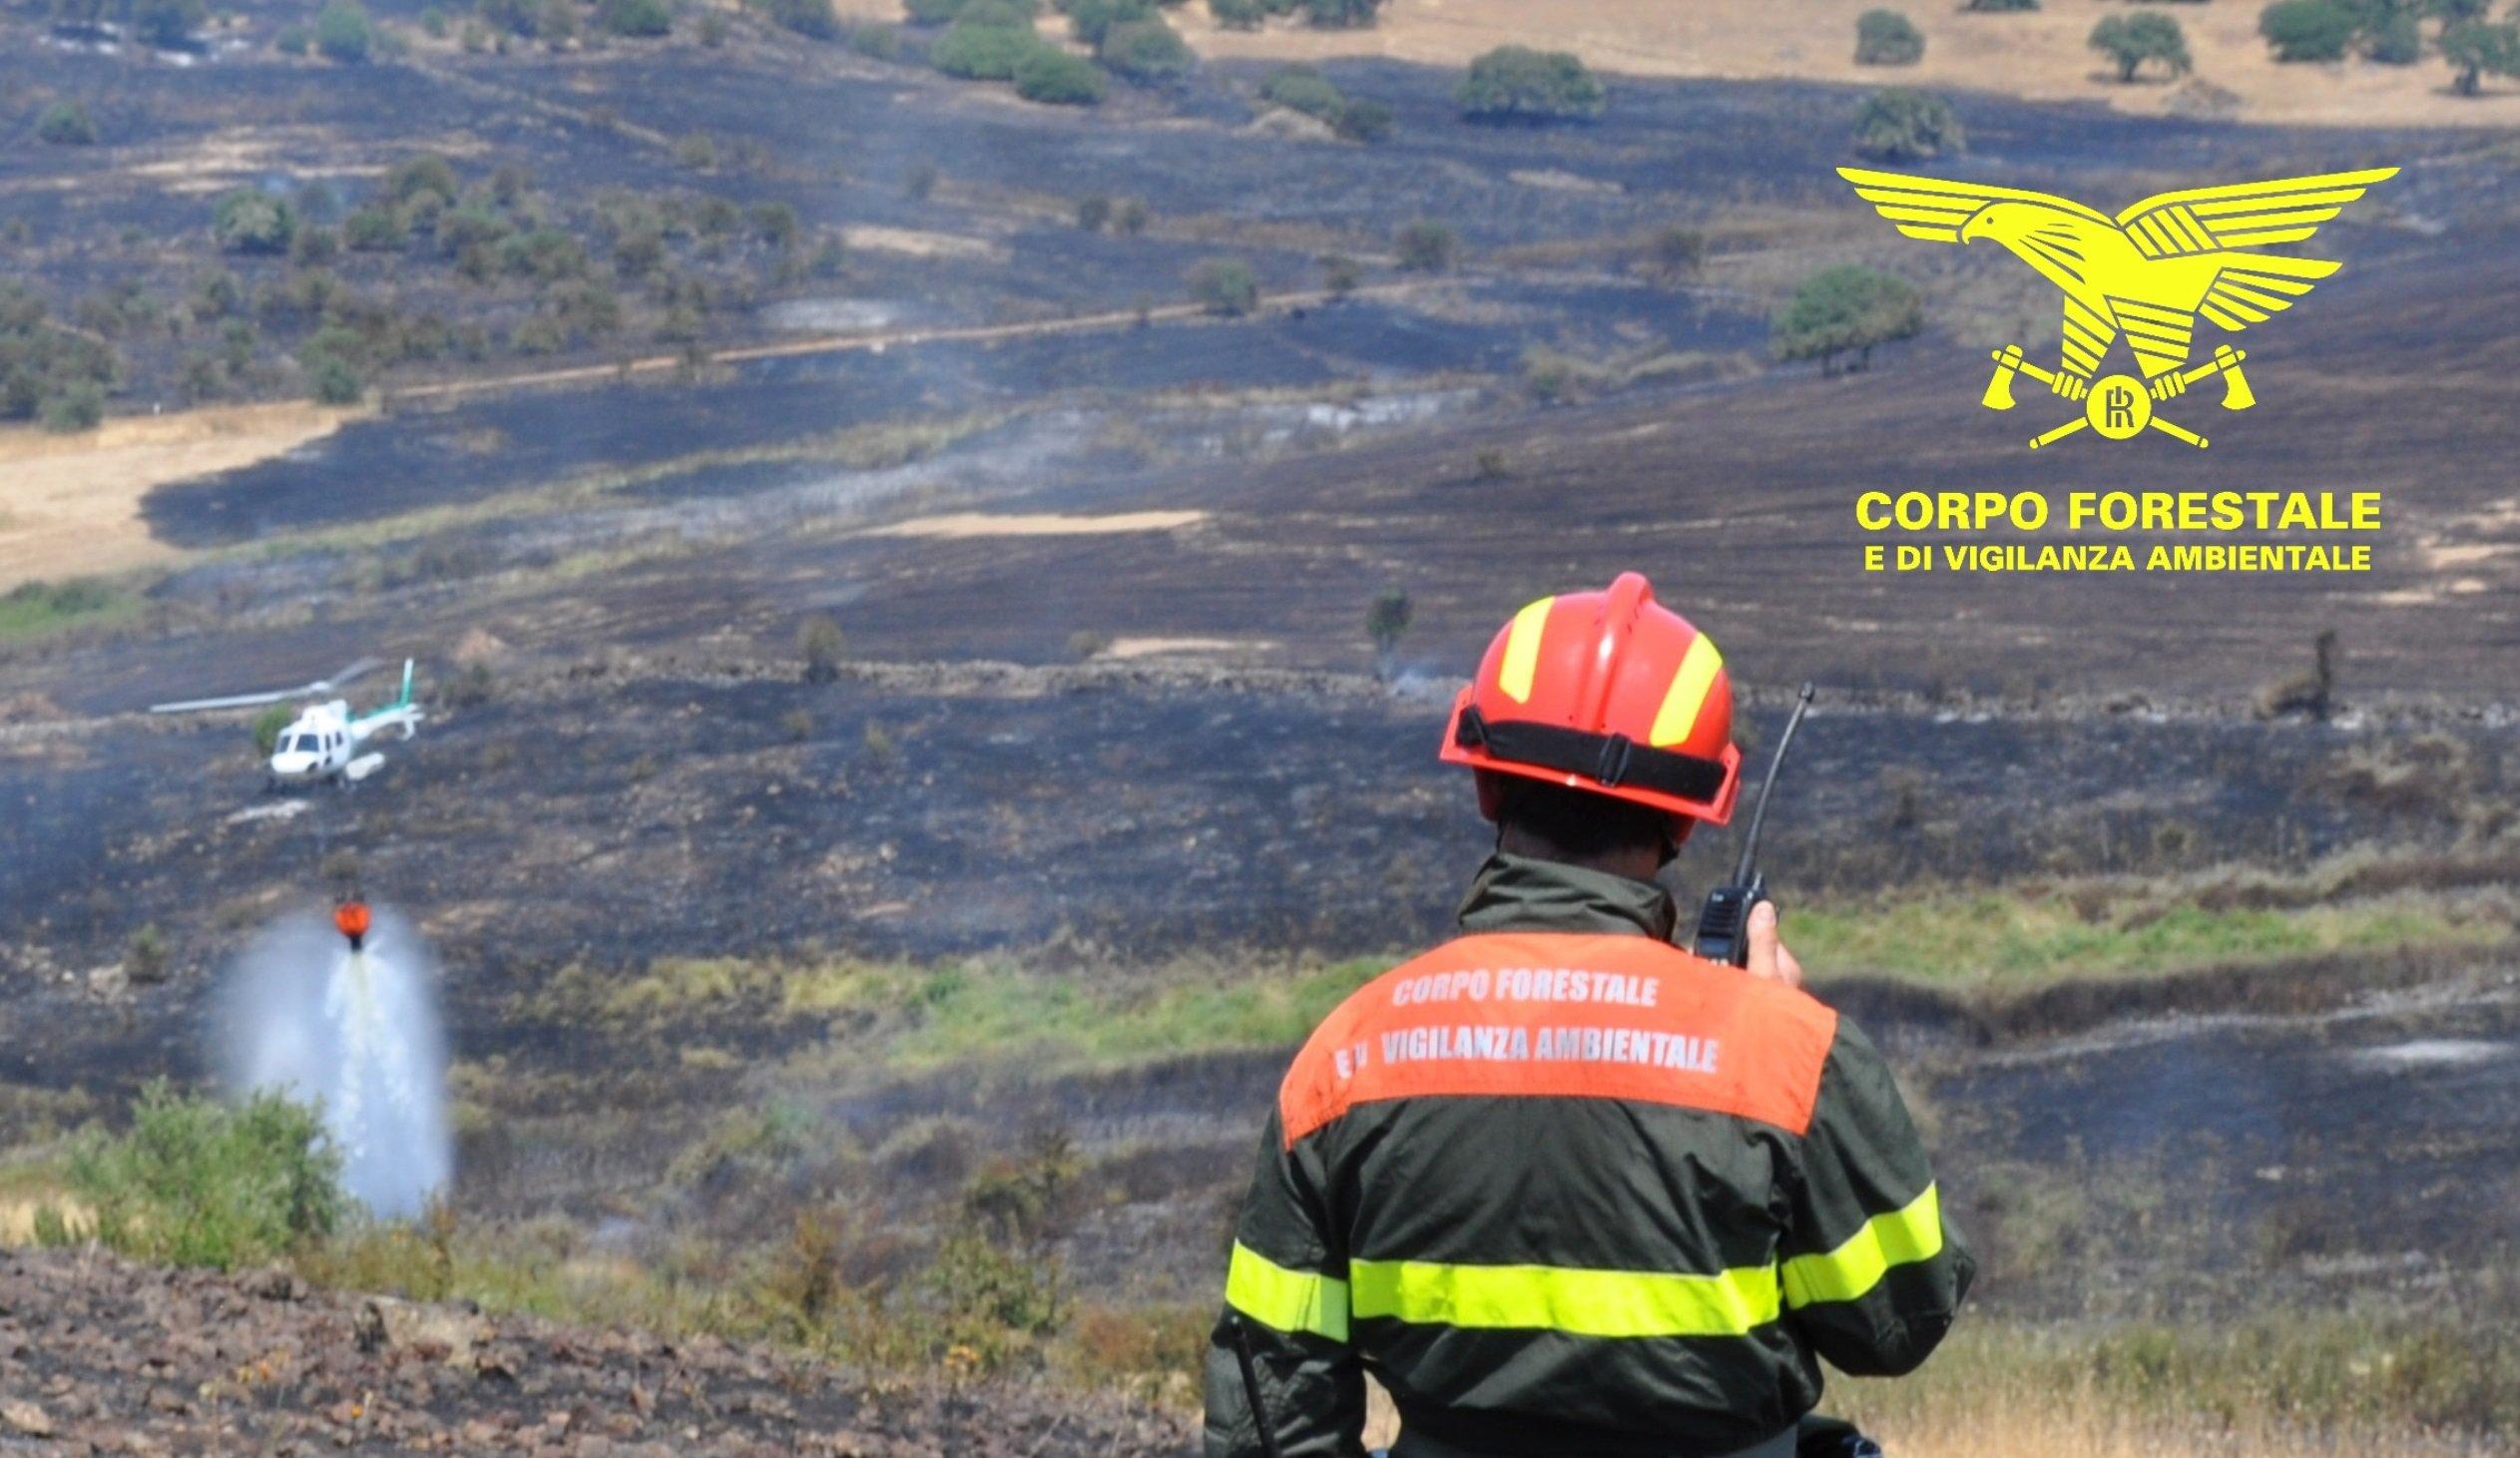 Dalle ore 14.00 il Corpo forestale sta gestendo con l'uso dei suoi mezzi aerei diversi incendi.